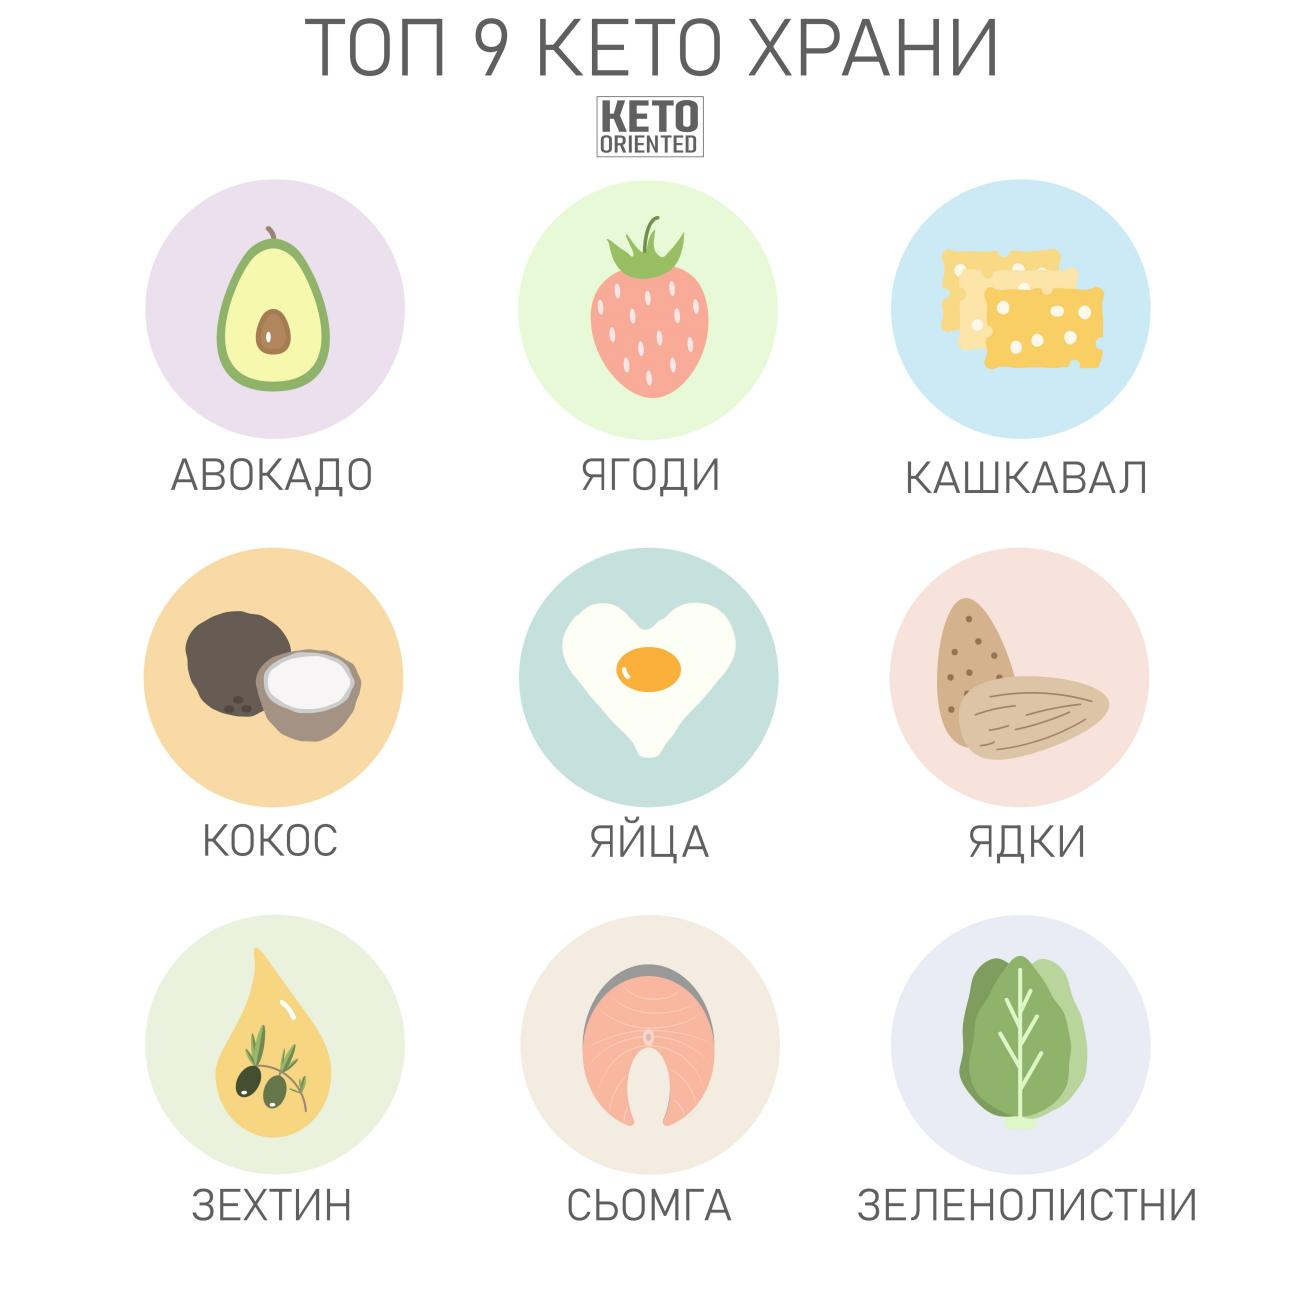 Подробная Кето Диета. Кетогенная КЕТО-диета — меню на неделю для женщин, полный список продуктов